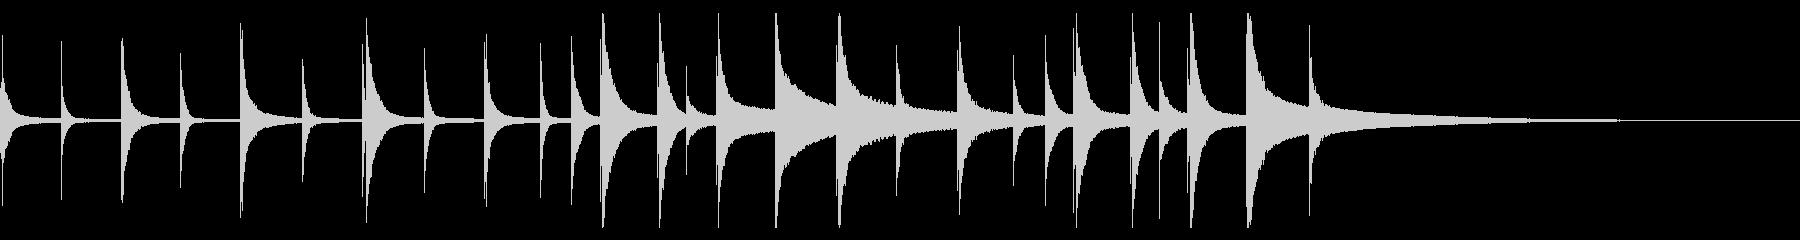 オーケストラベル:音楽ボックス、ミ...の未再生の波形